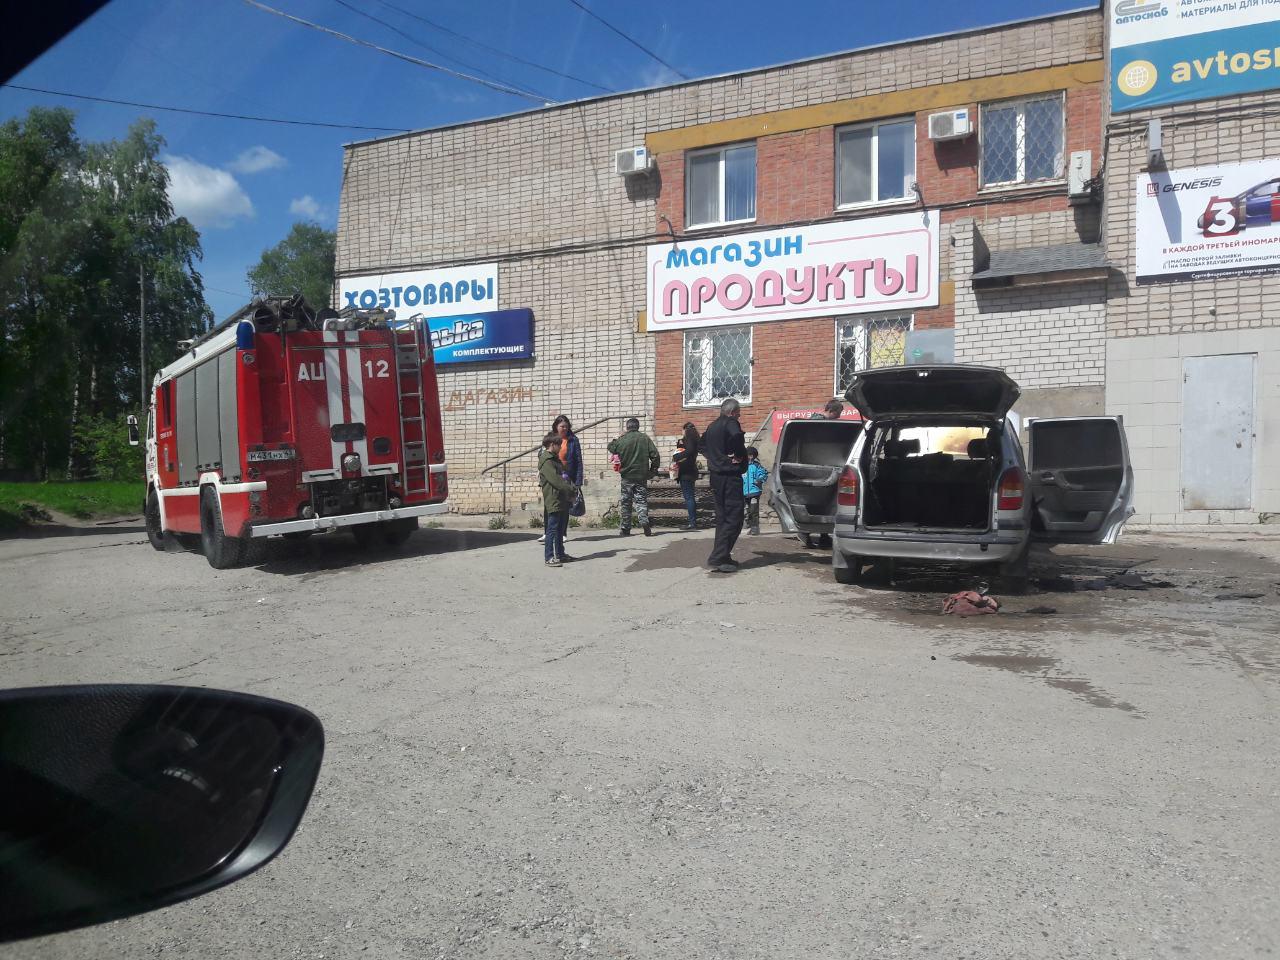 В Кирово-Чепецке вспыхнула иномарка, пока ее владелец был в магазине